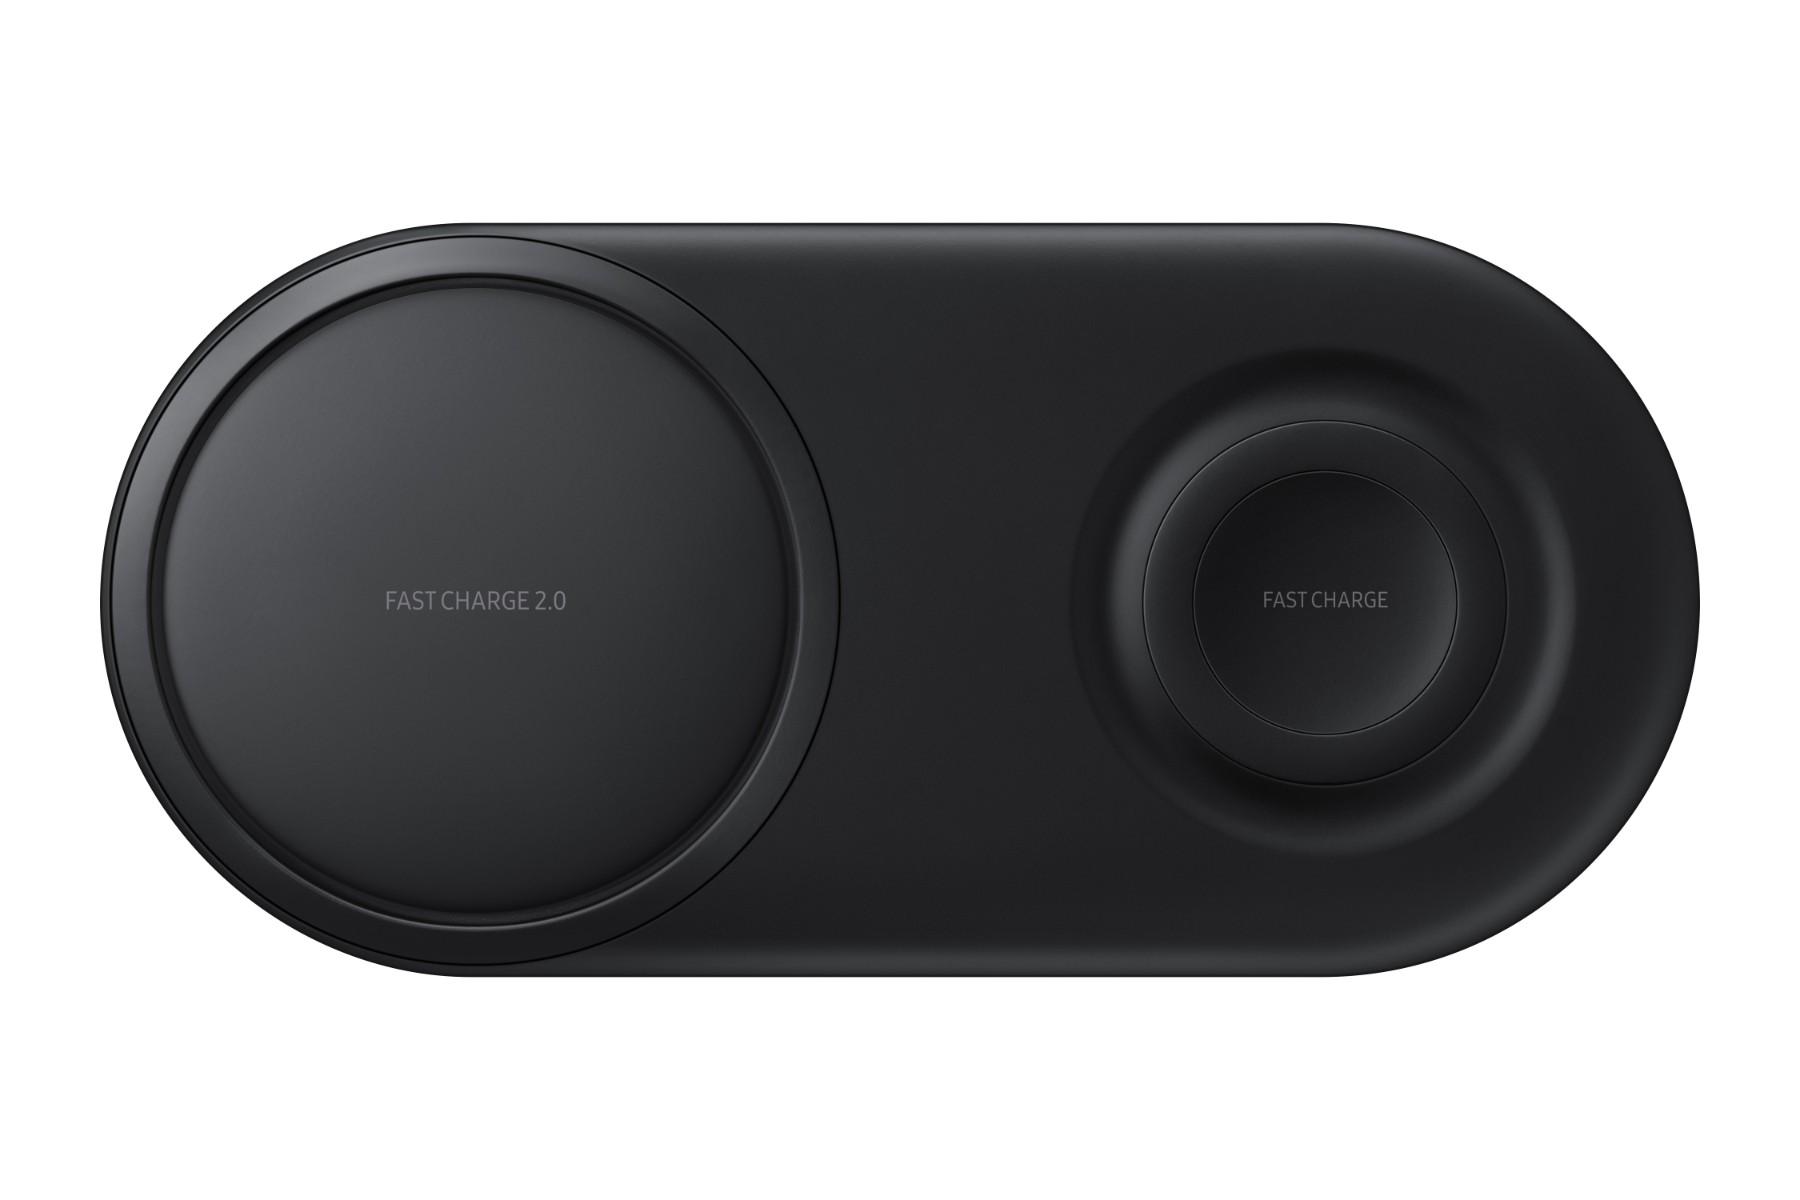 Samsung Bezdrátova nabíjecí podložka EP-P520,Black